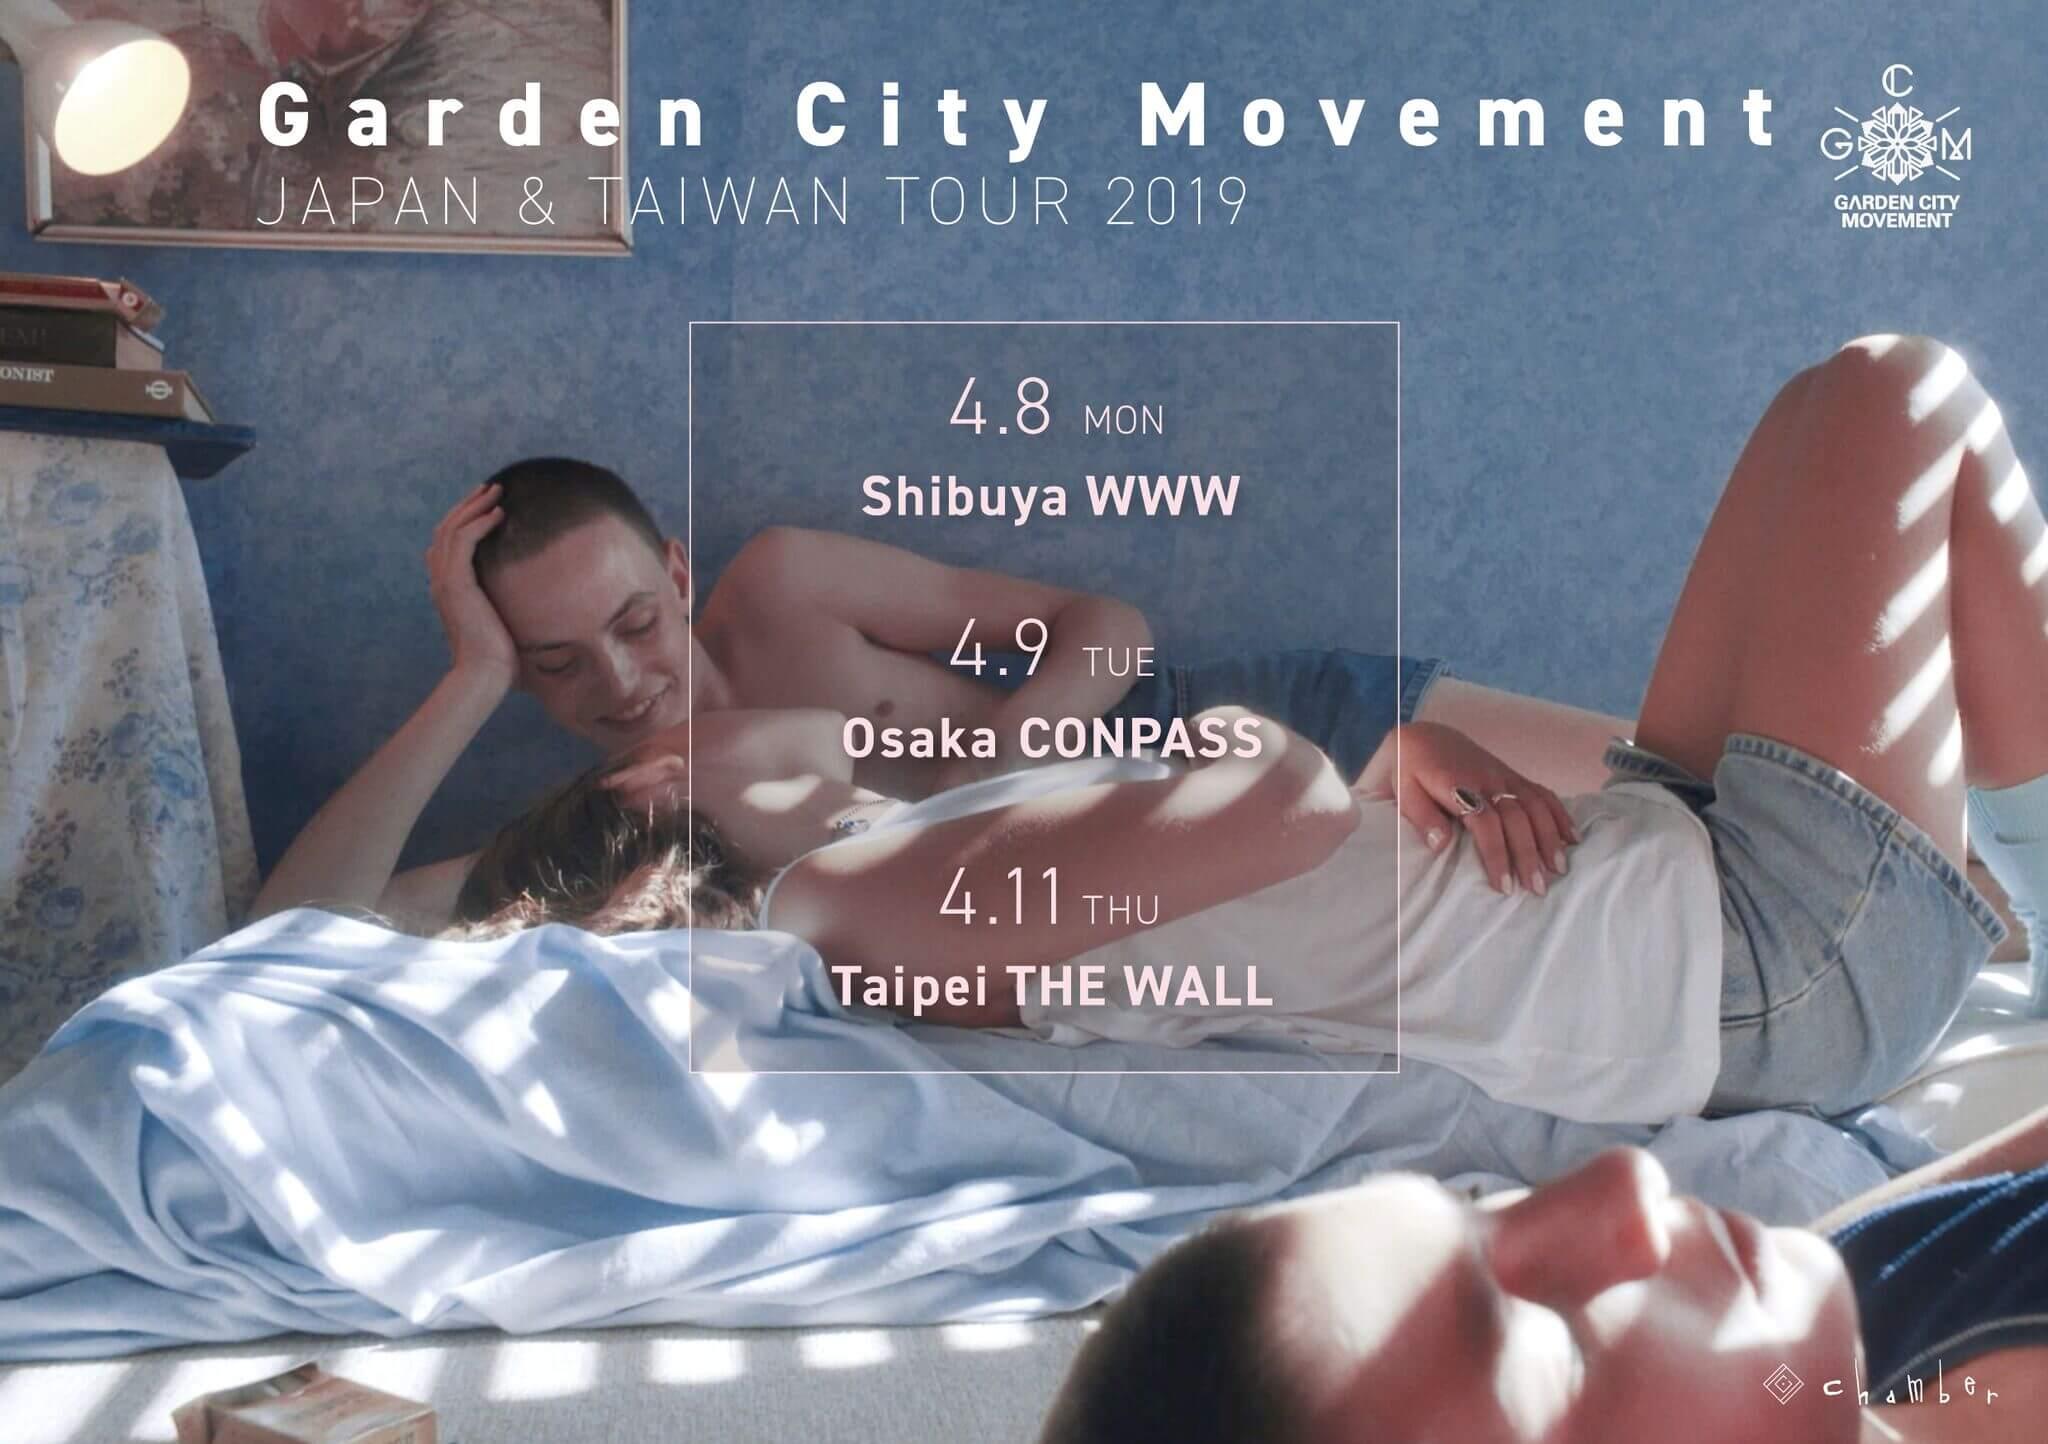 イスラエルのエレクトロポップバンド、Garden City Movementが初来日!